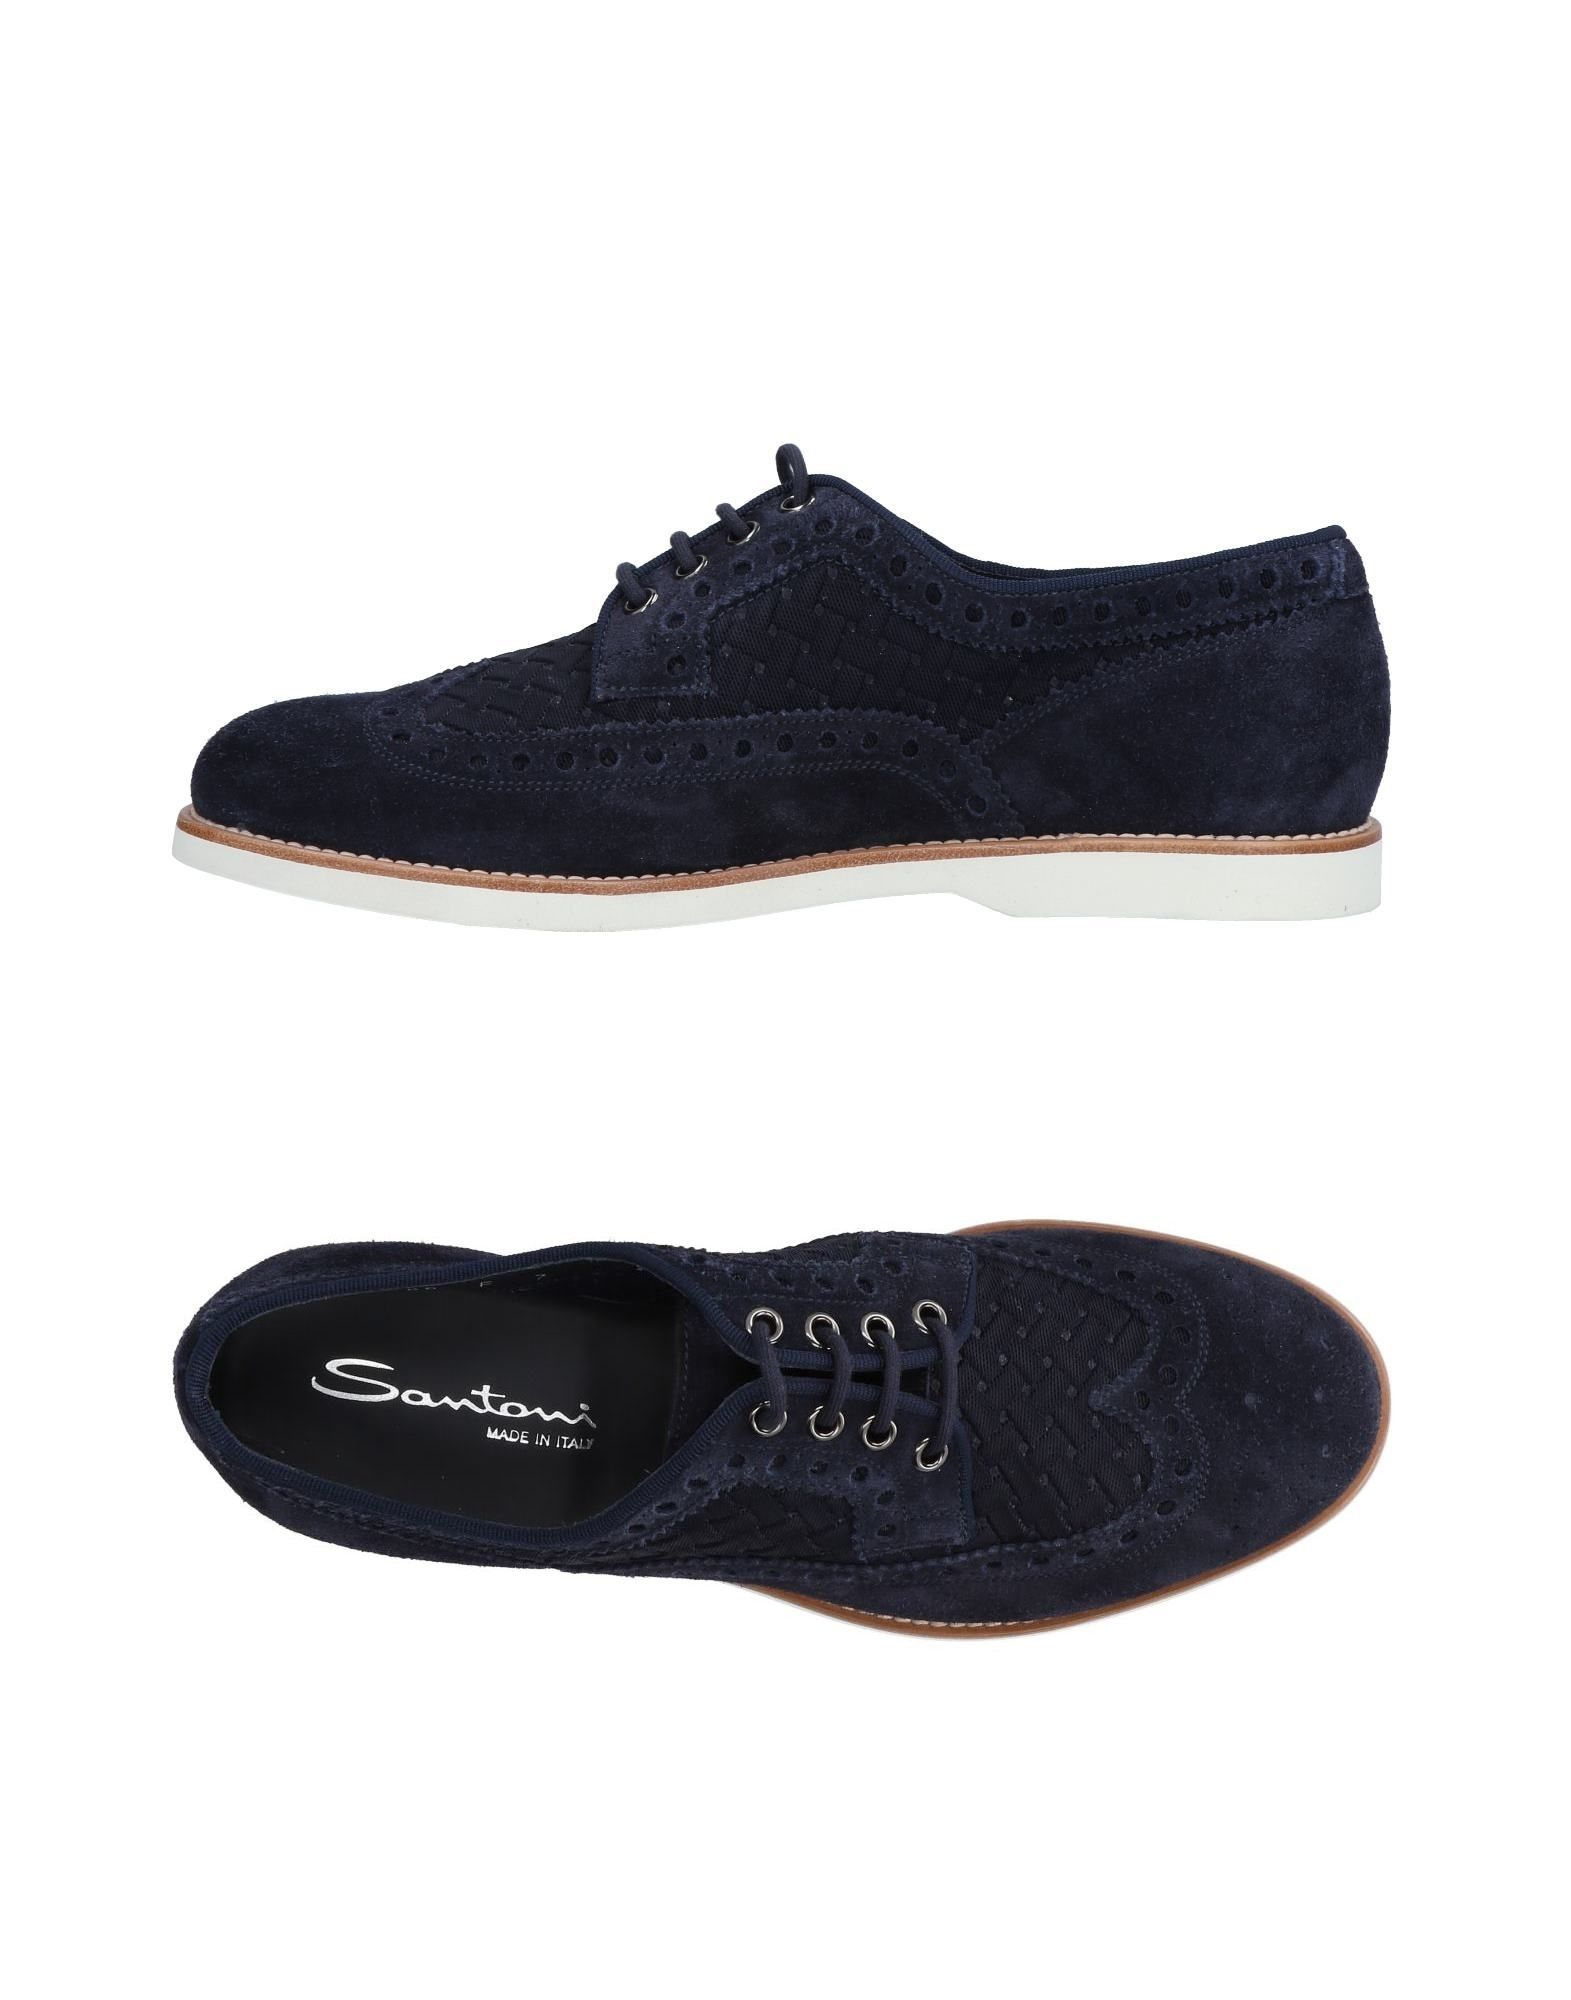 Santoni Schnürschuhe Herren  11478964OK Gute Qualität beliebte Schuhe